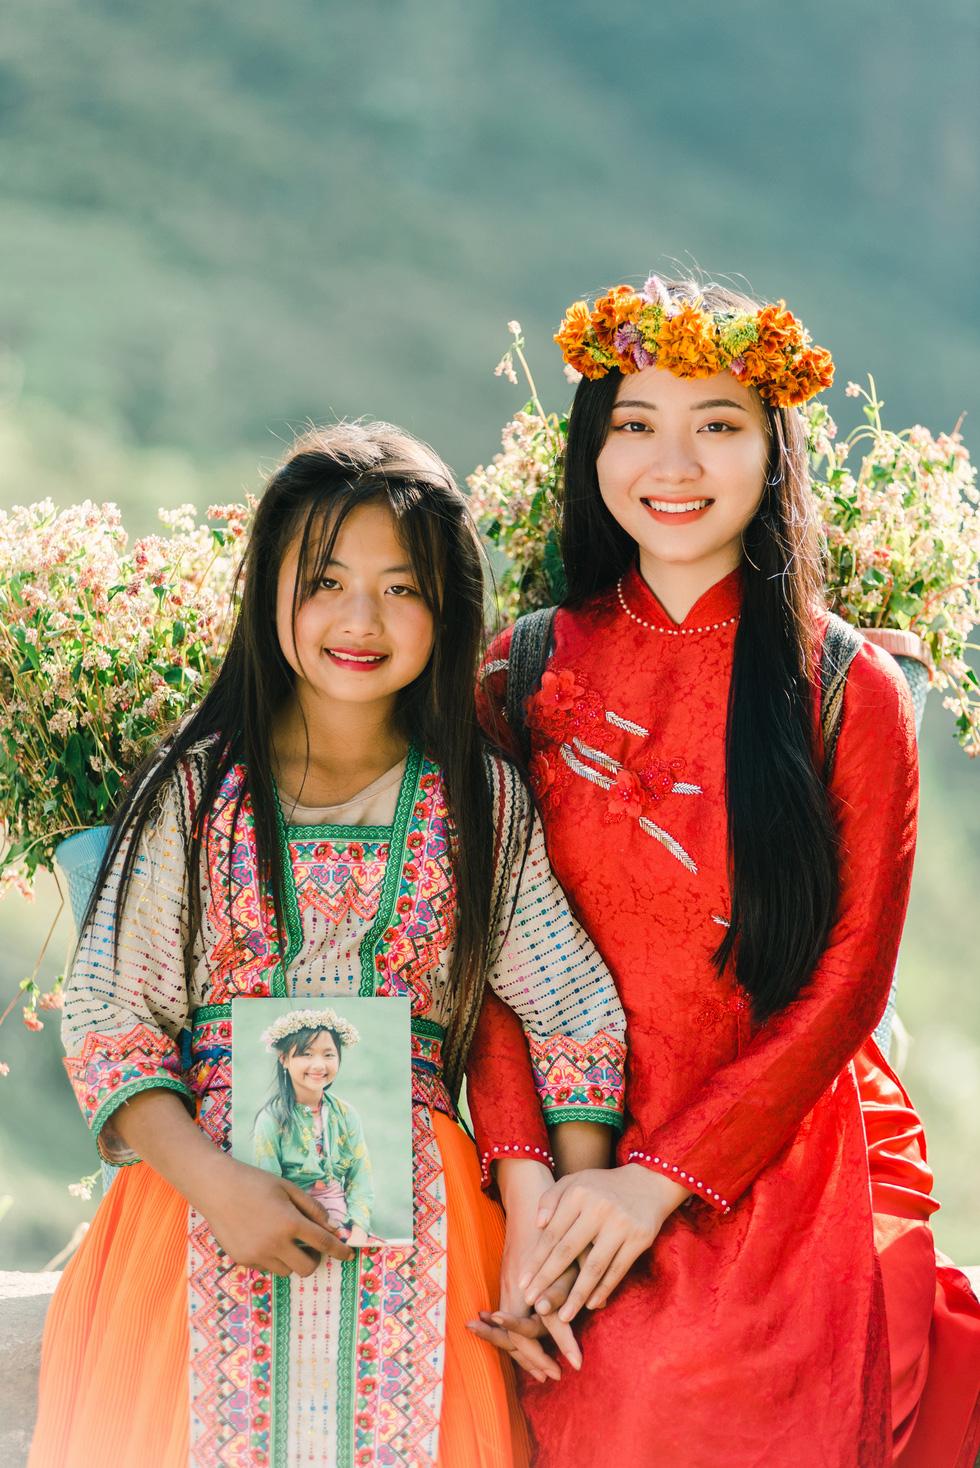 Cao nguyên đá Đồng Văn rực rỡ sắc hoa tam giác mạch - Ảnh 4.